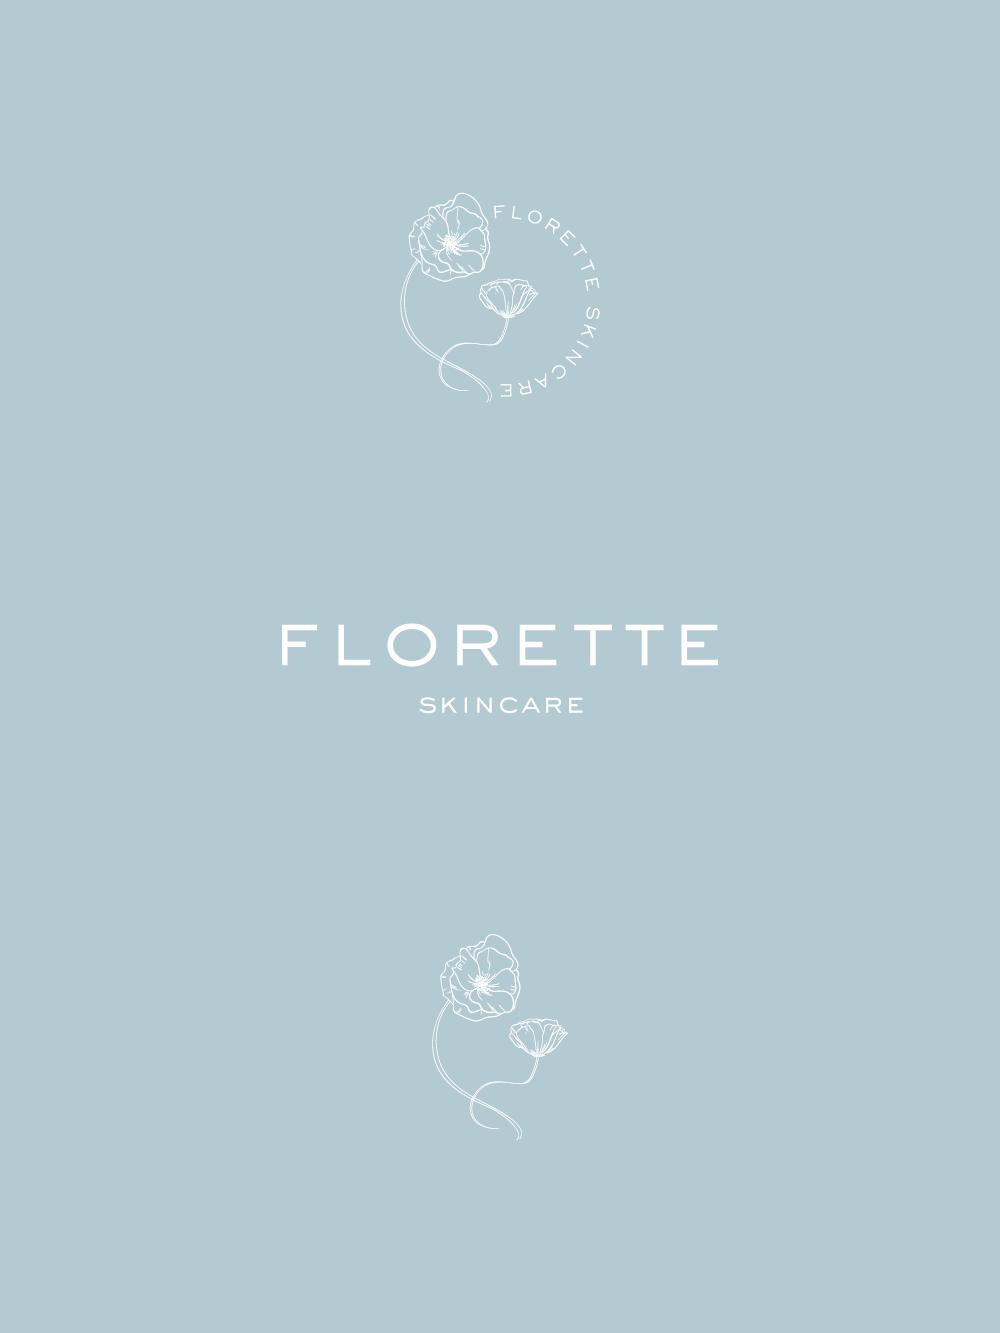 Florette_Skincare53.png